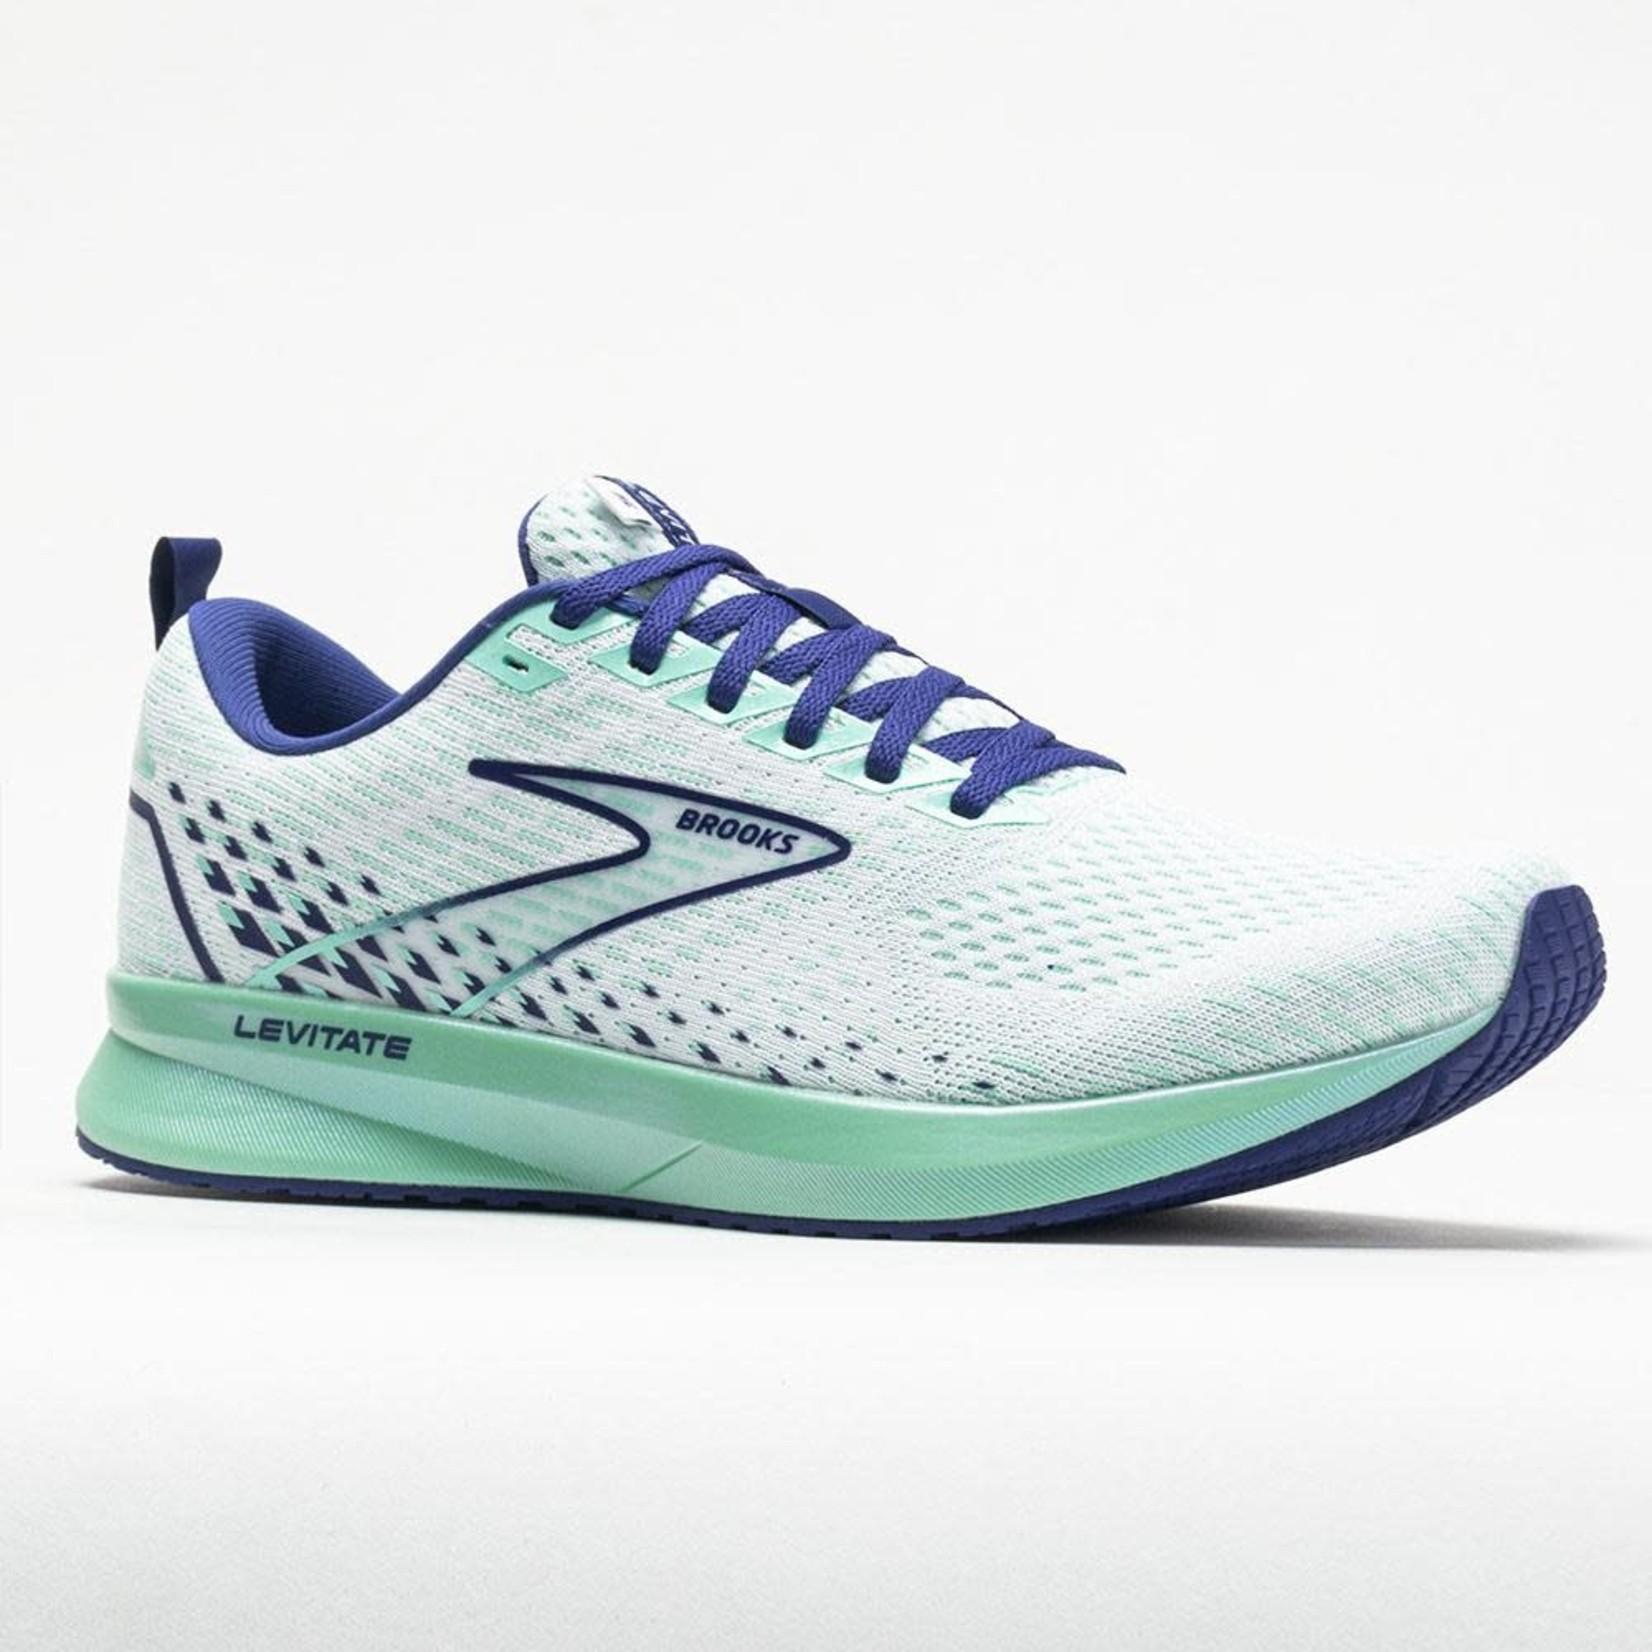 Brooks Brooks Running Shoes, Levitate 5, Ladies